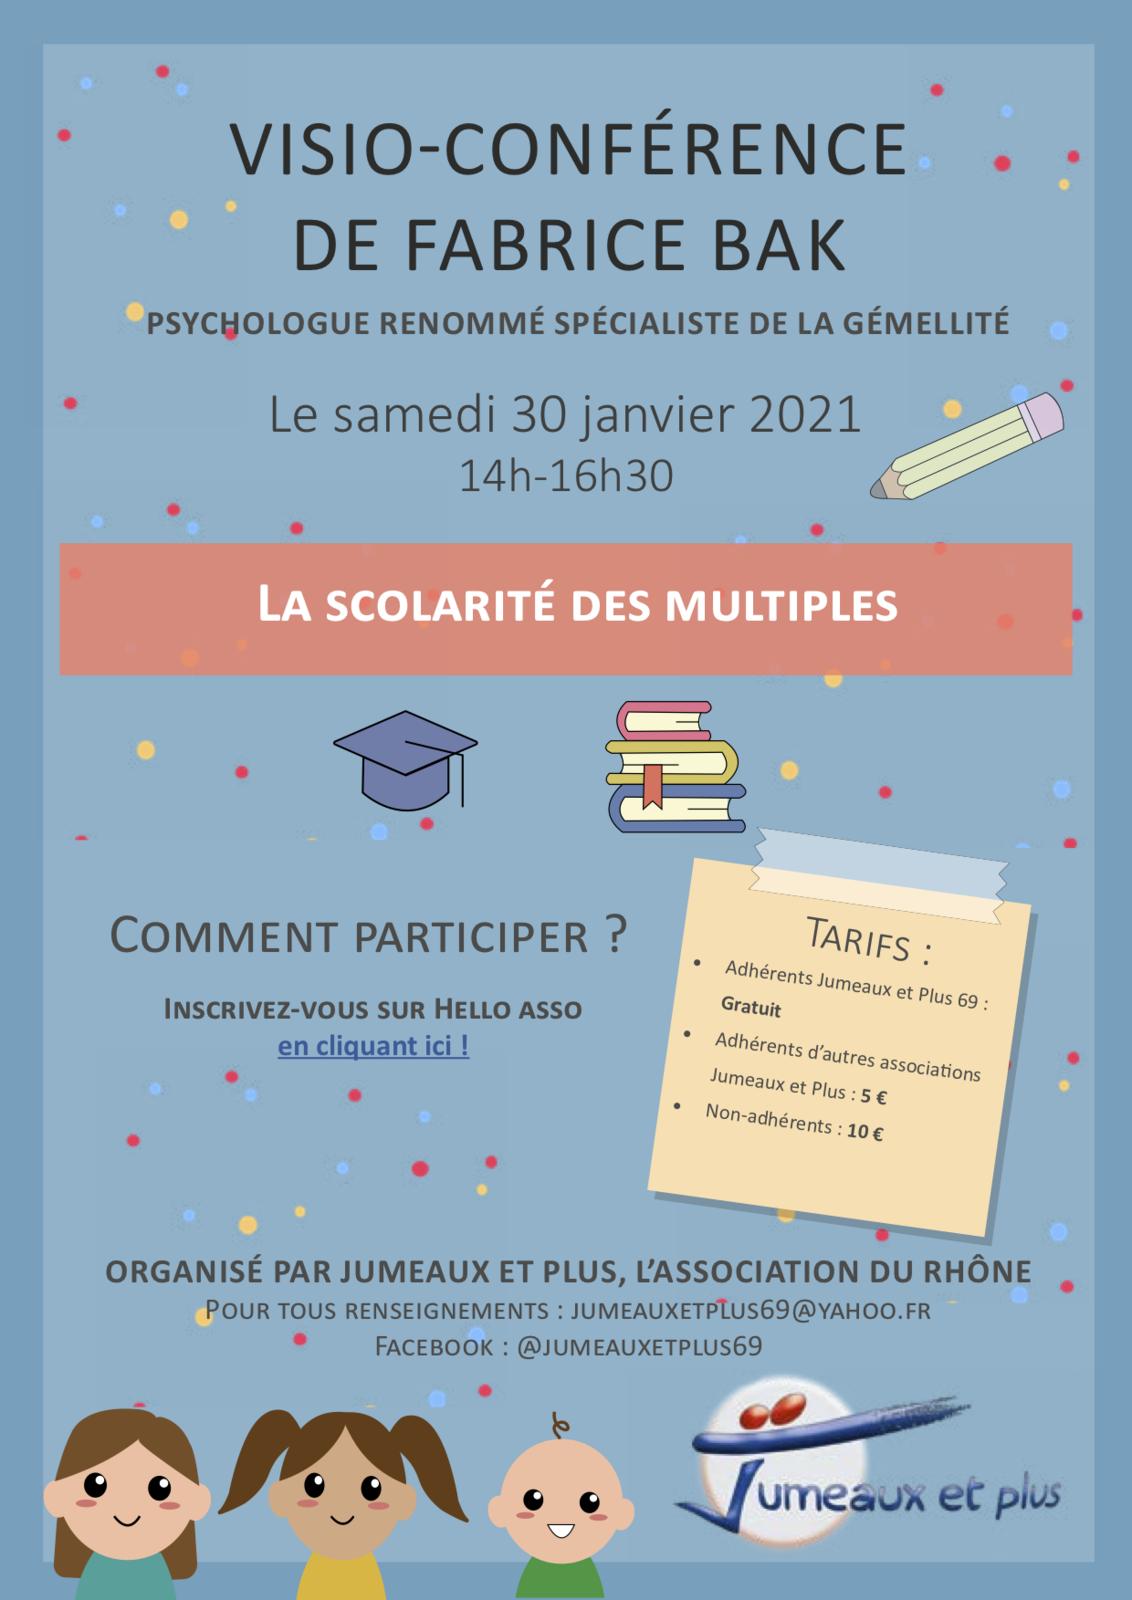 Samedi 30 janvier 14h: Visioconférence de Fabrice Bak sur la scolarité des multiples